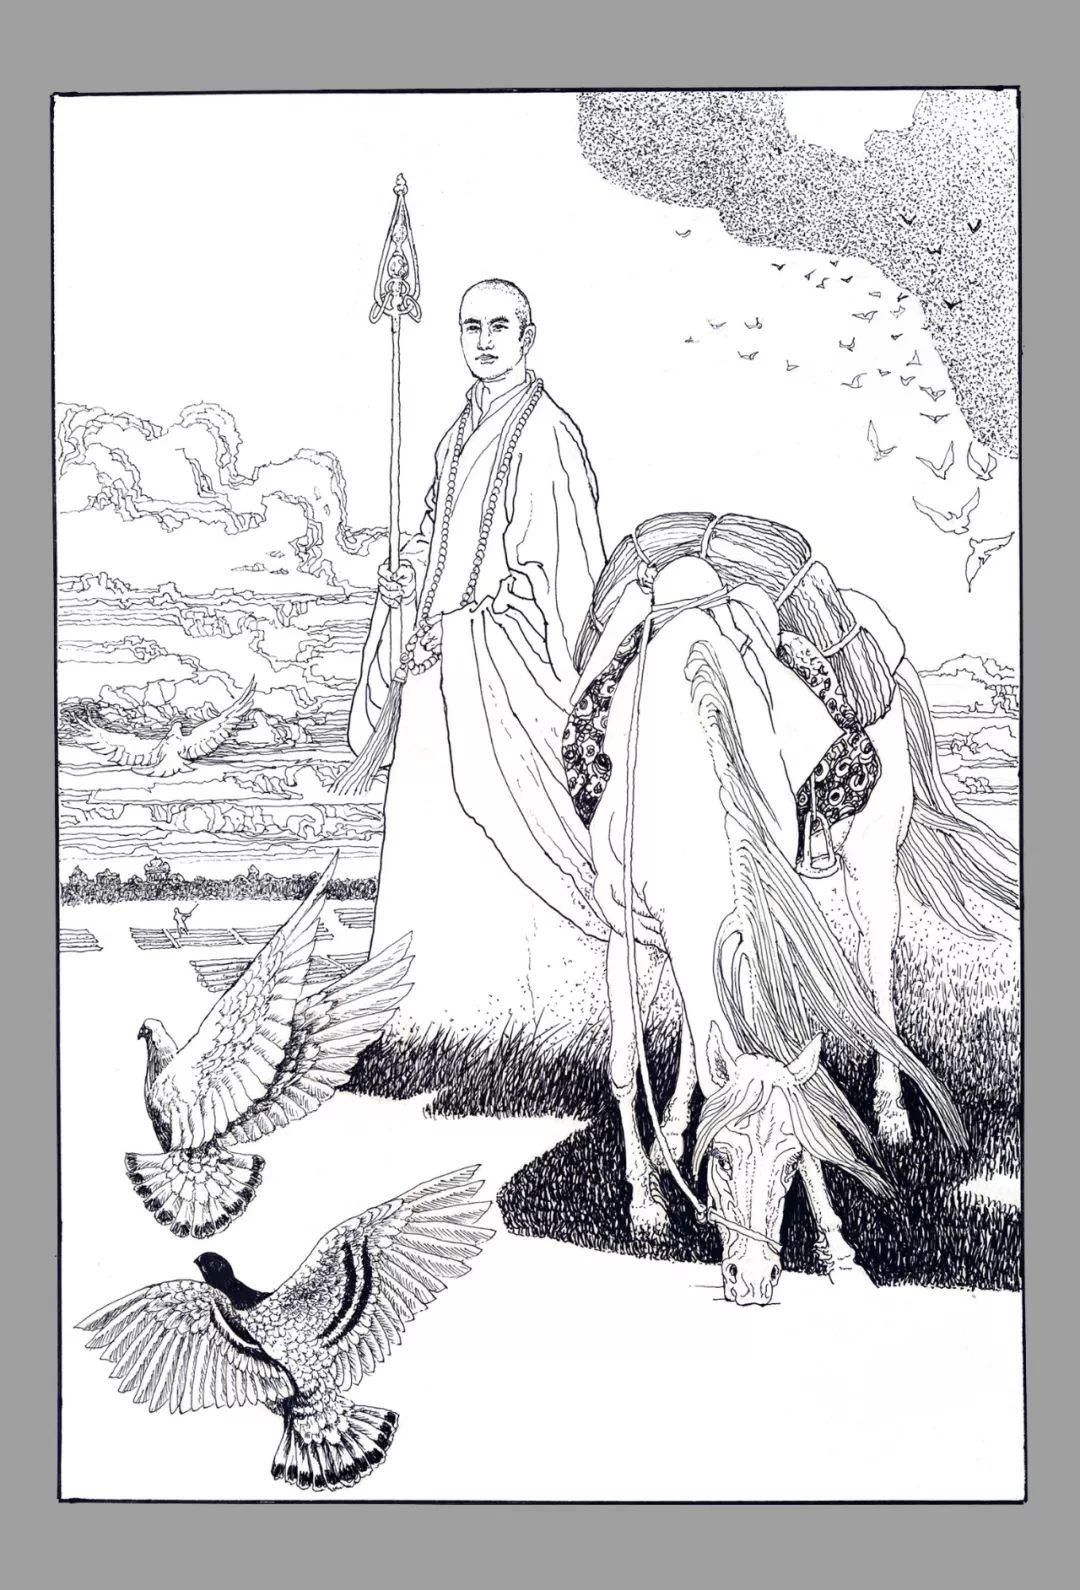 内蒙古画家--彭志信 第68张 内蒙古画家--彭志信 蒙古画廊